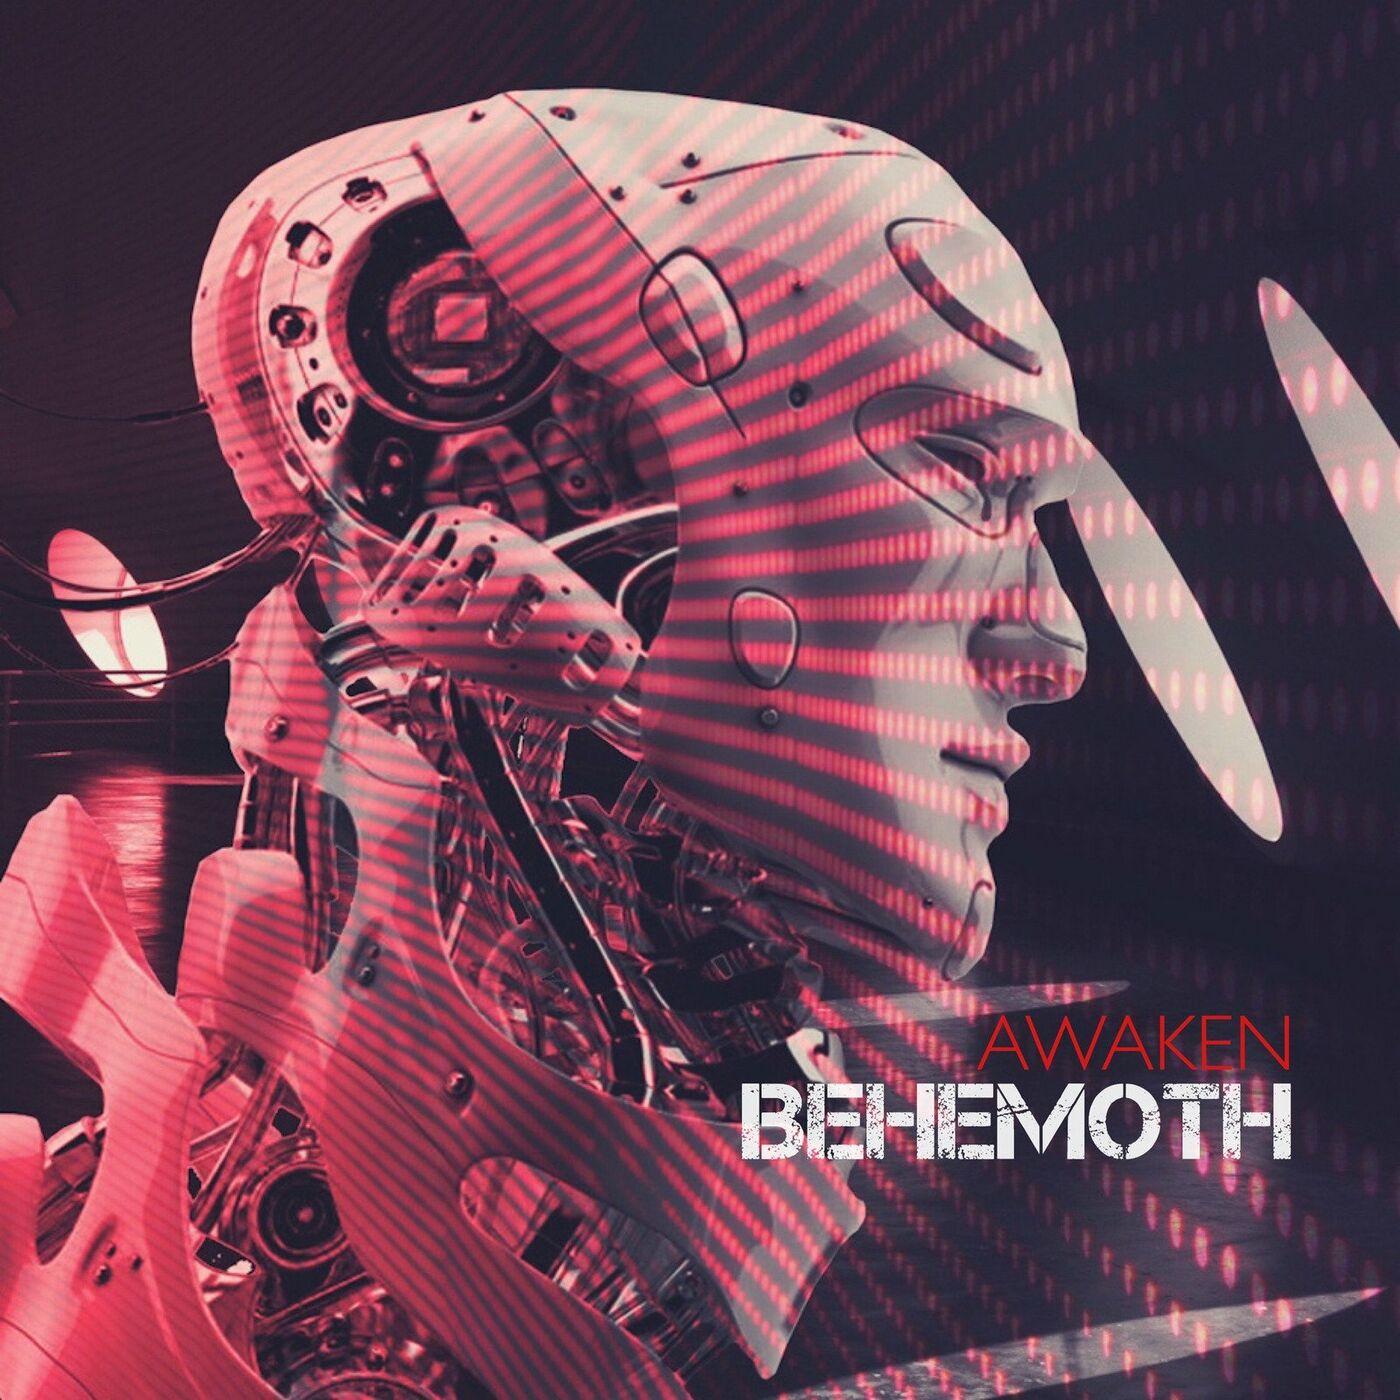 Awaken - Behemoth [single] (2020)